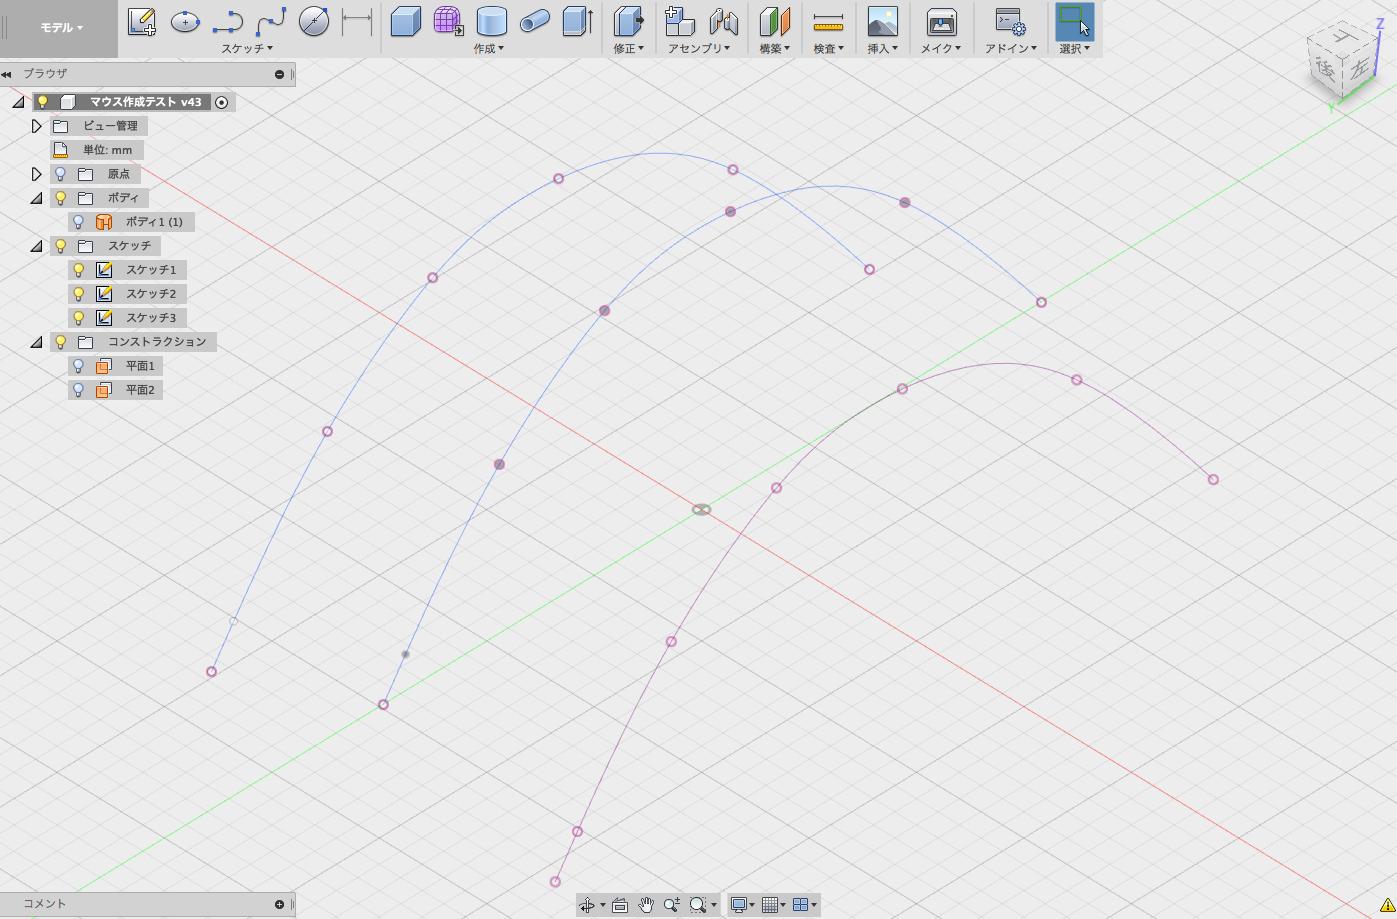 スプラインで3本の曲線を描く